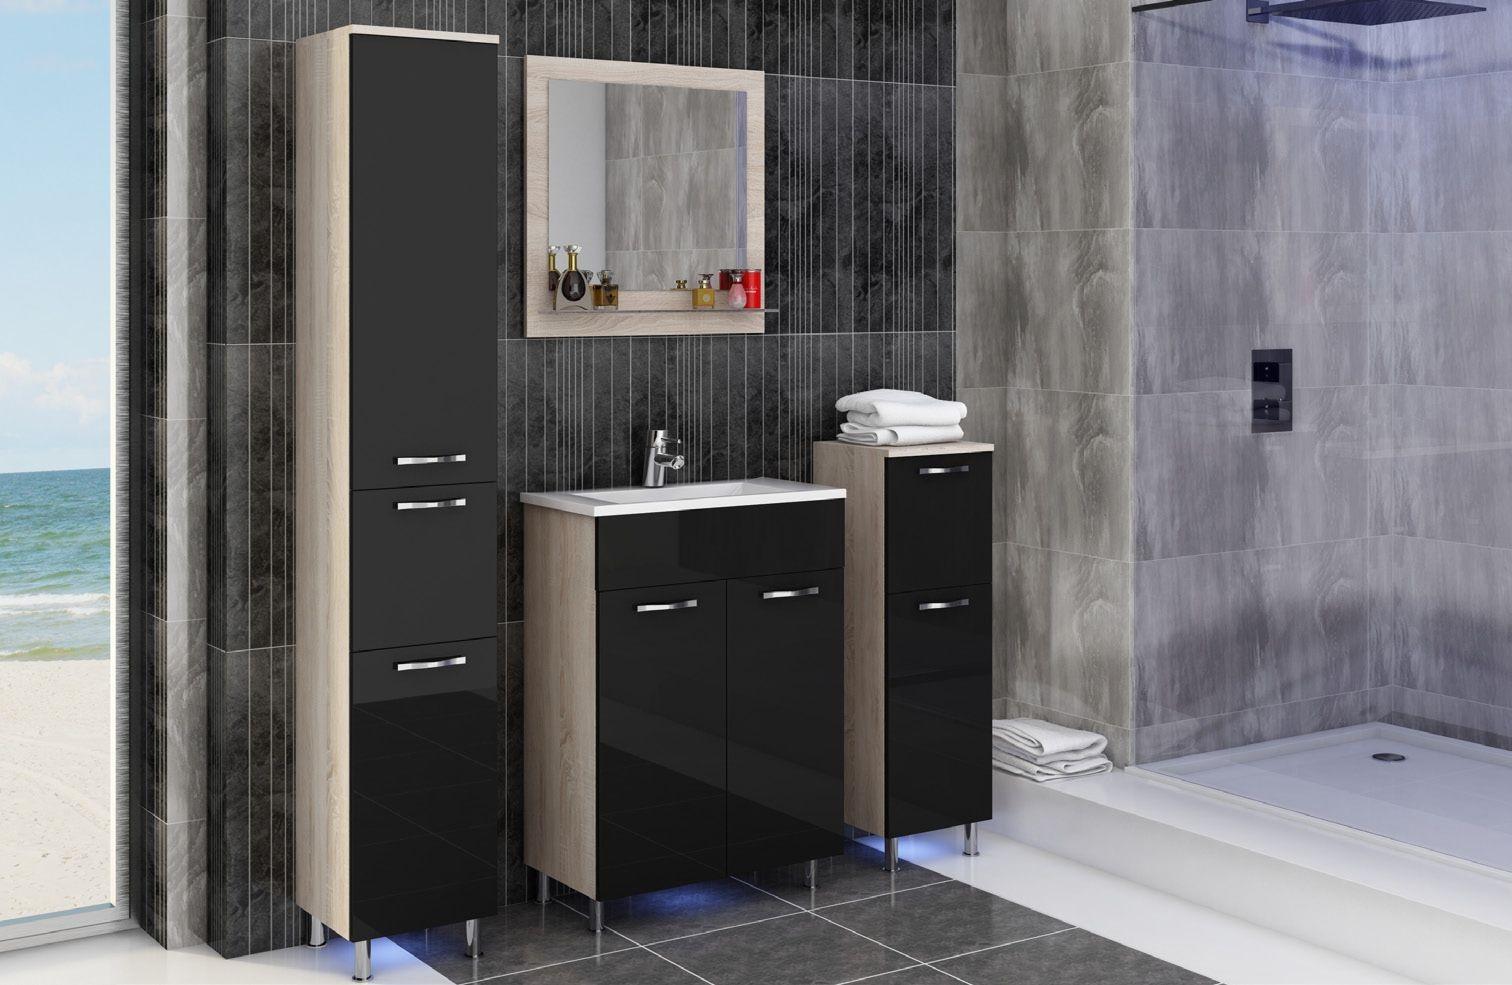 badmobel schwarz, badmöbel komplett 5 teilig schwarz weiß 54004, Design ideen